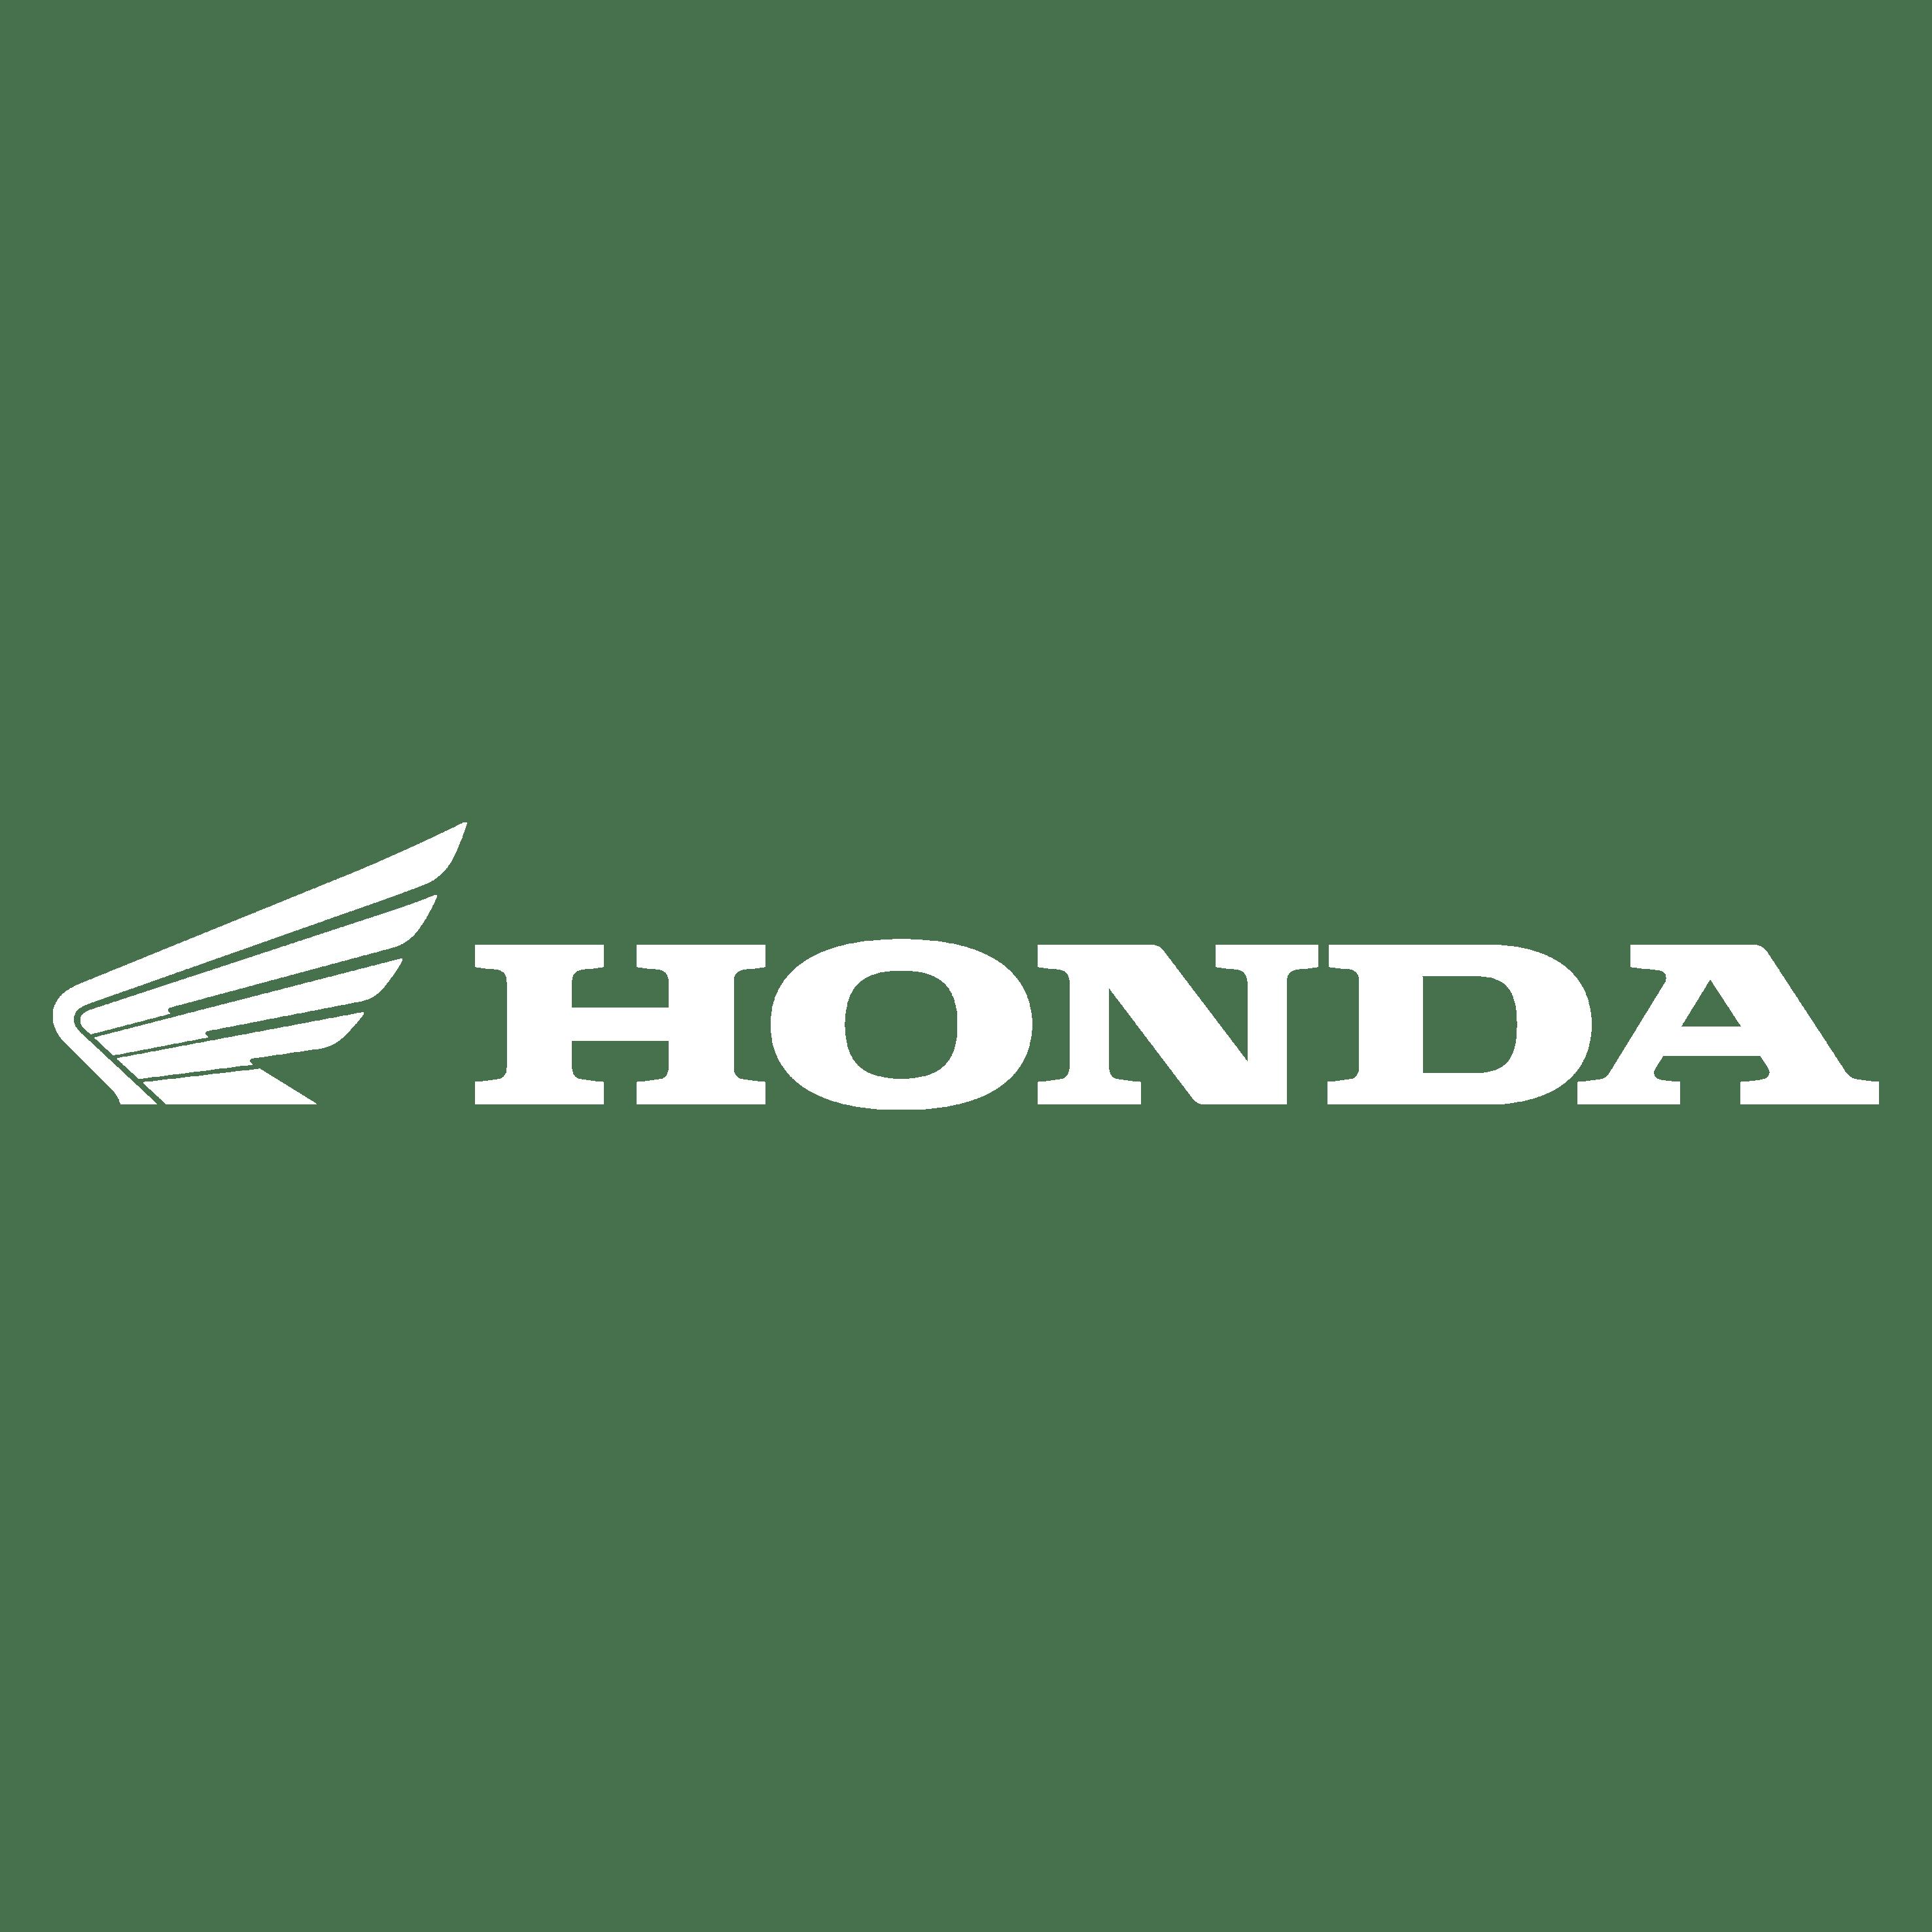 HONDA-1.png